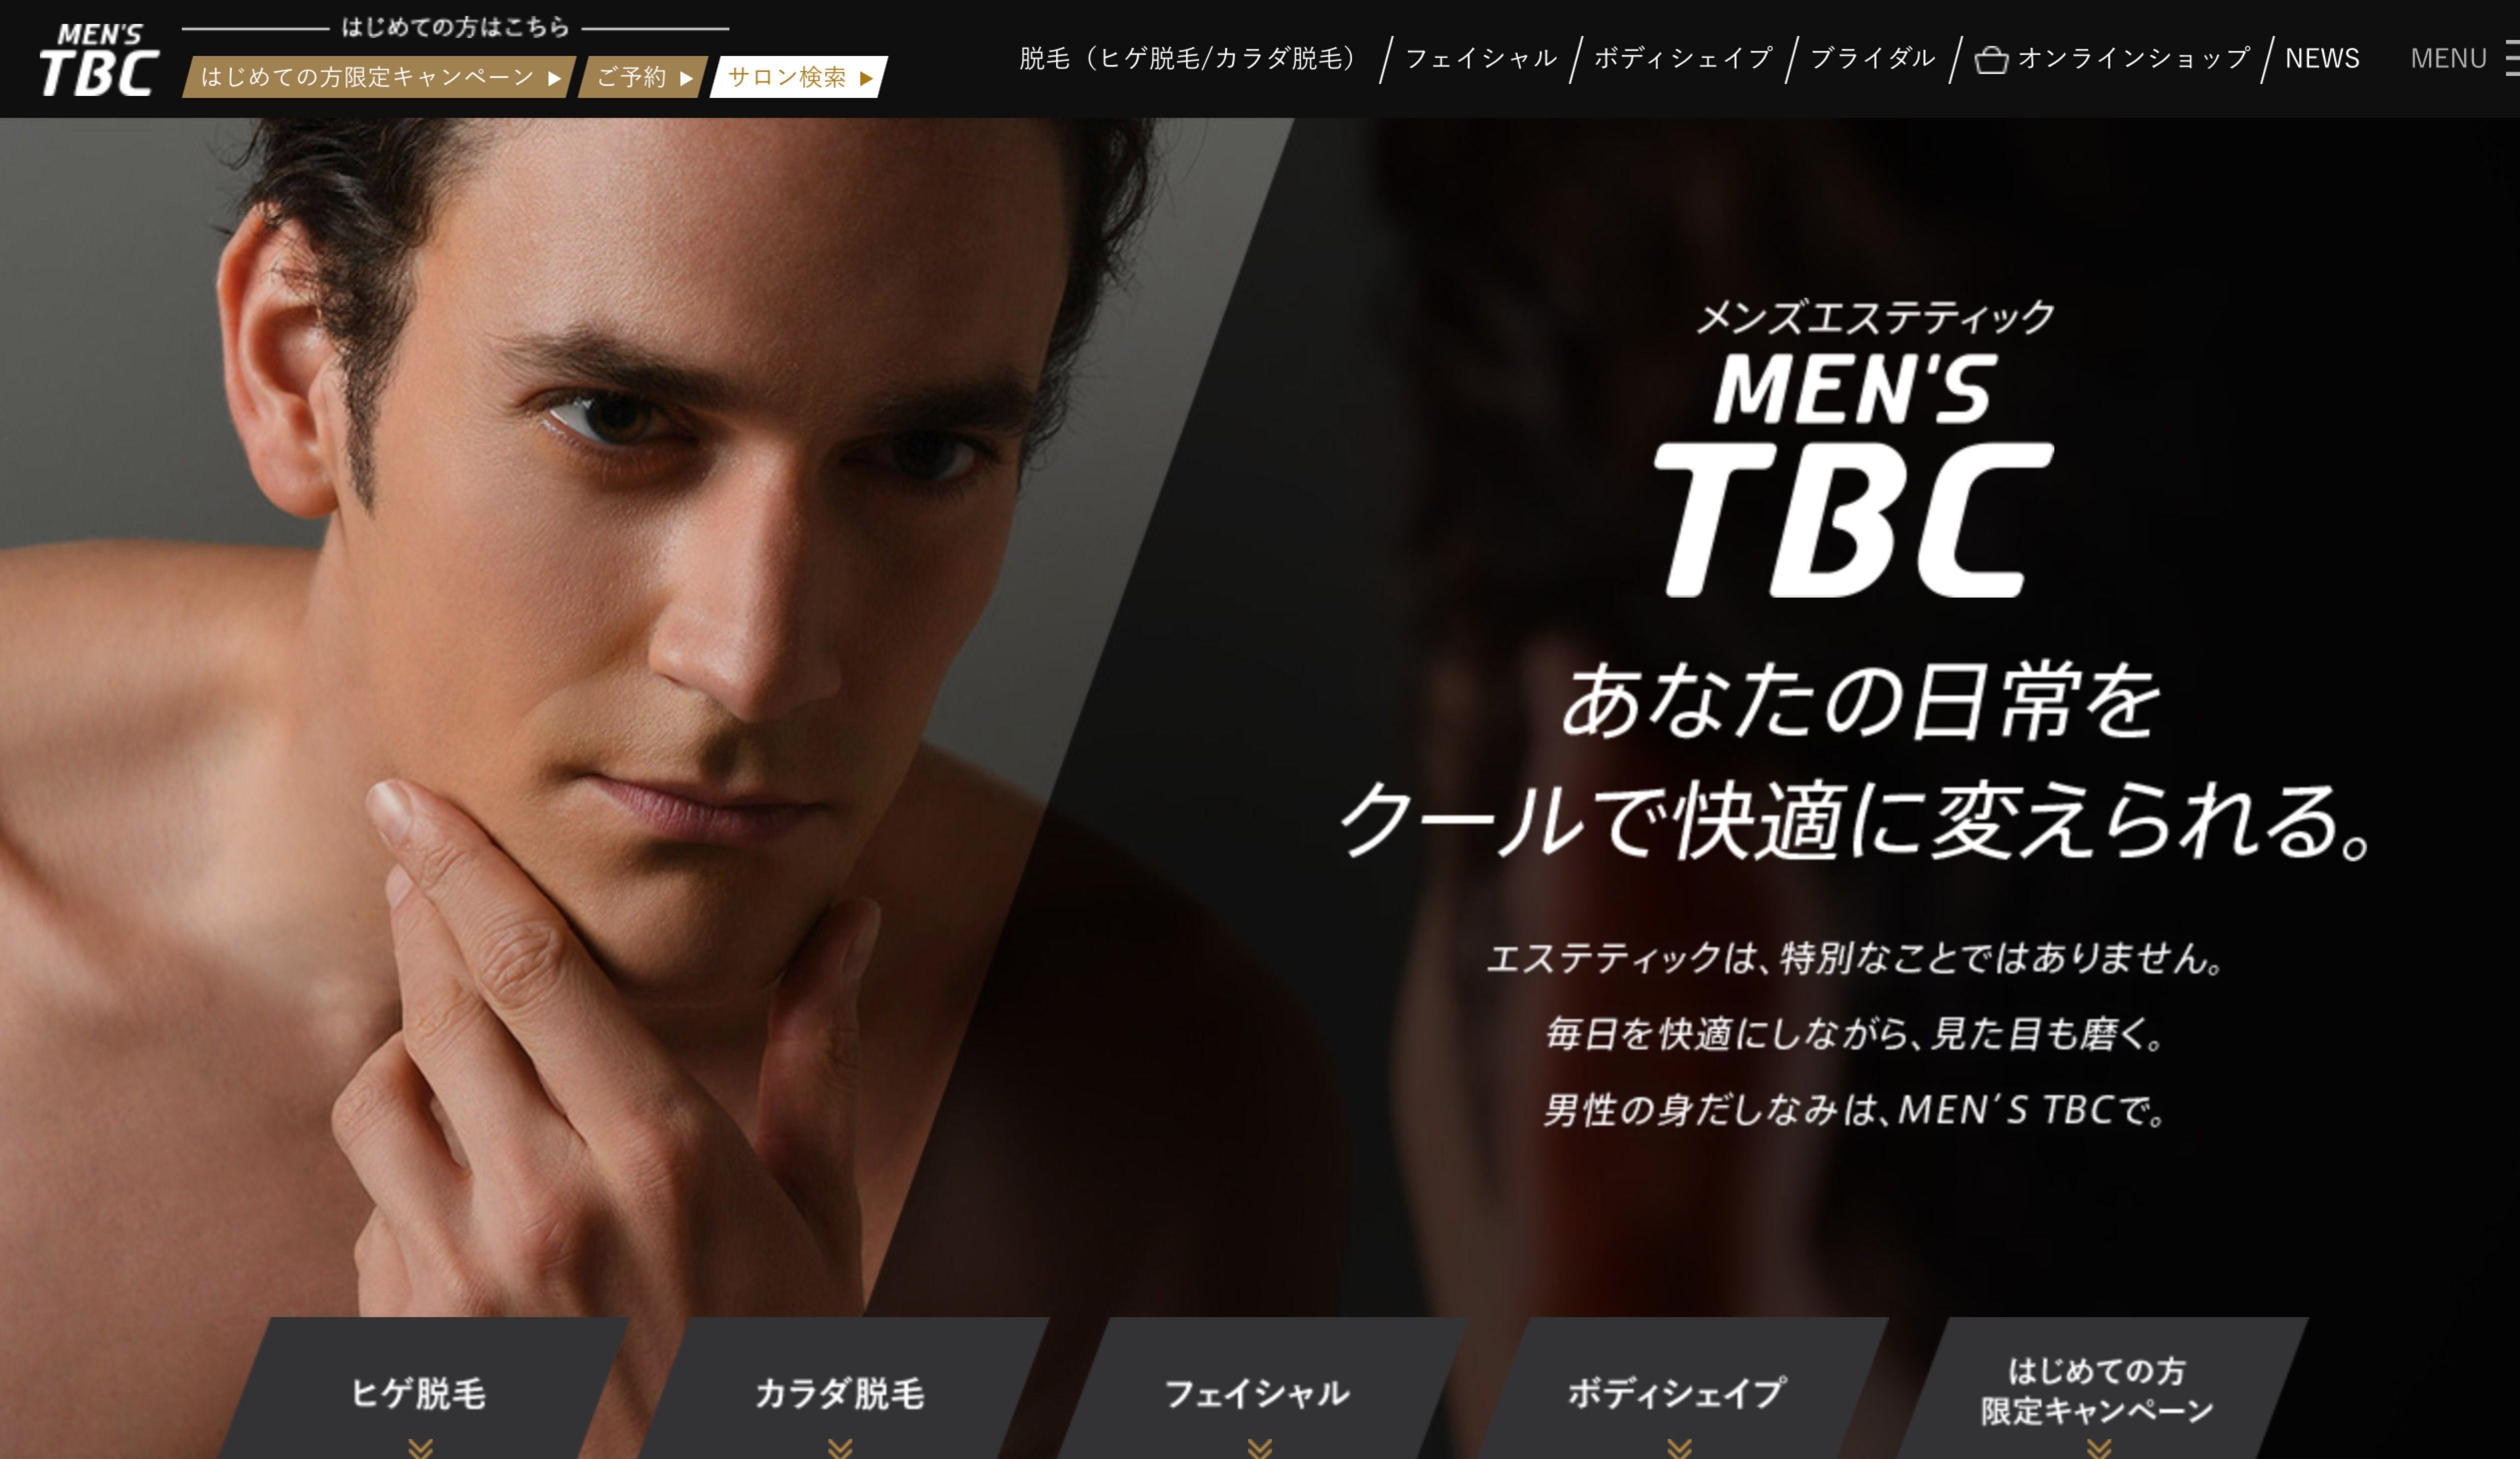 東京 髭脱毛 メンズTBC